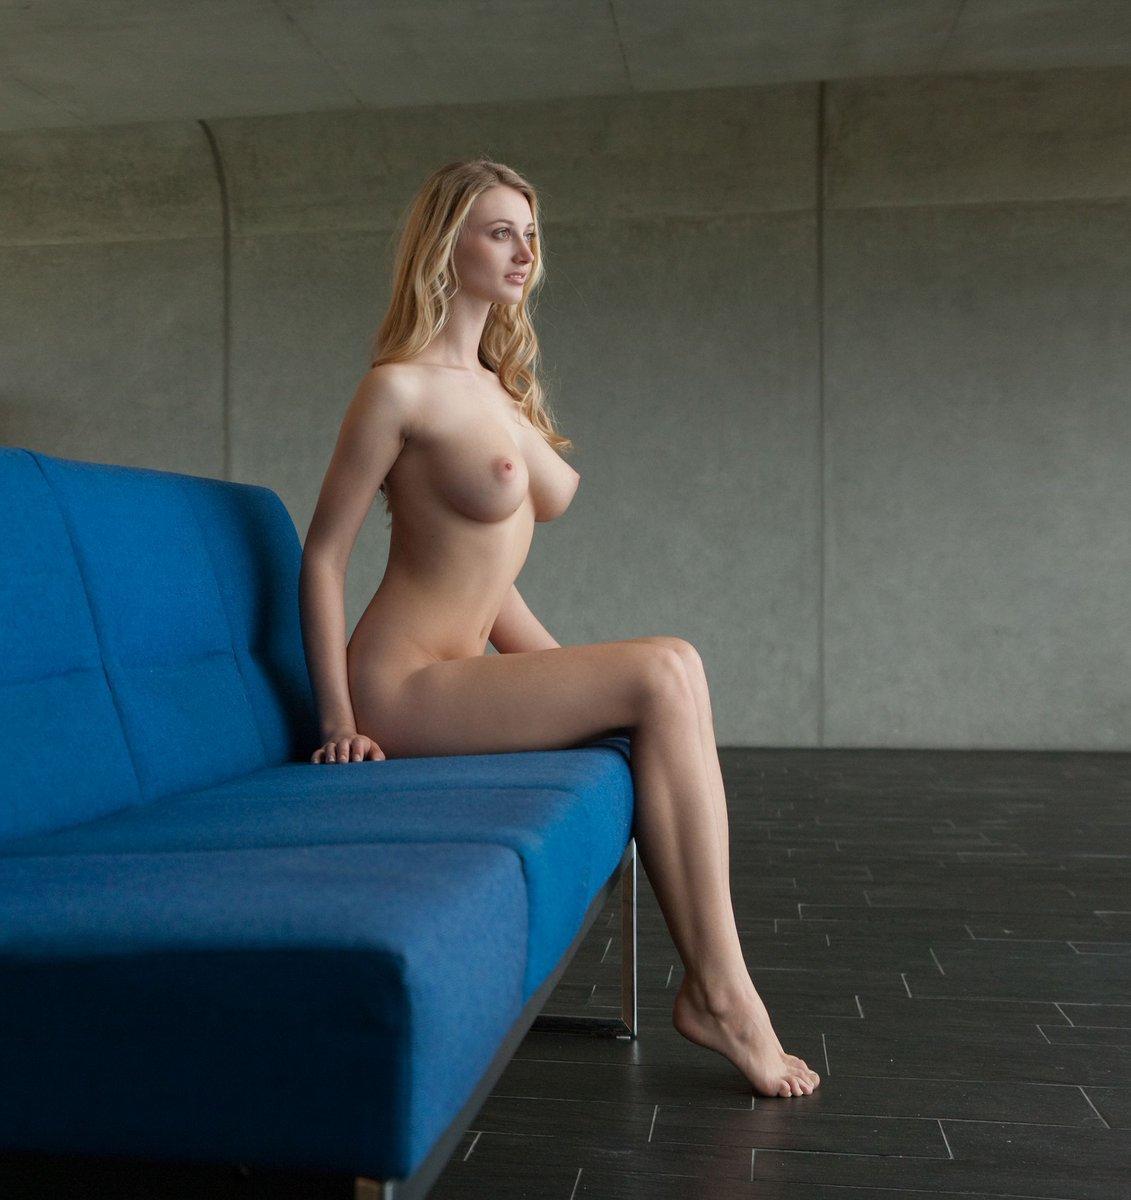 Дикй сексуальнй инсктит